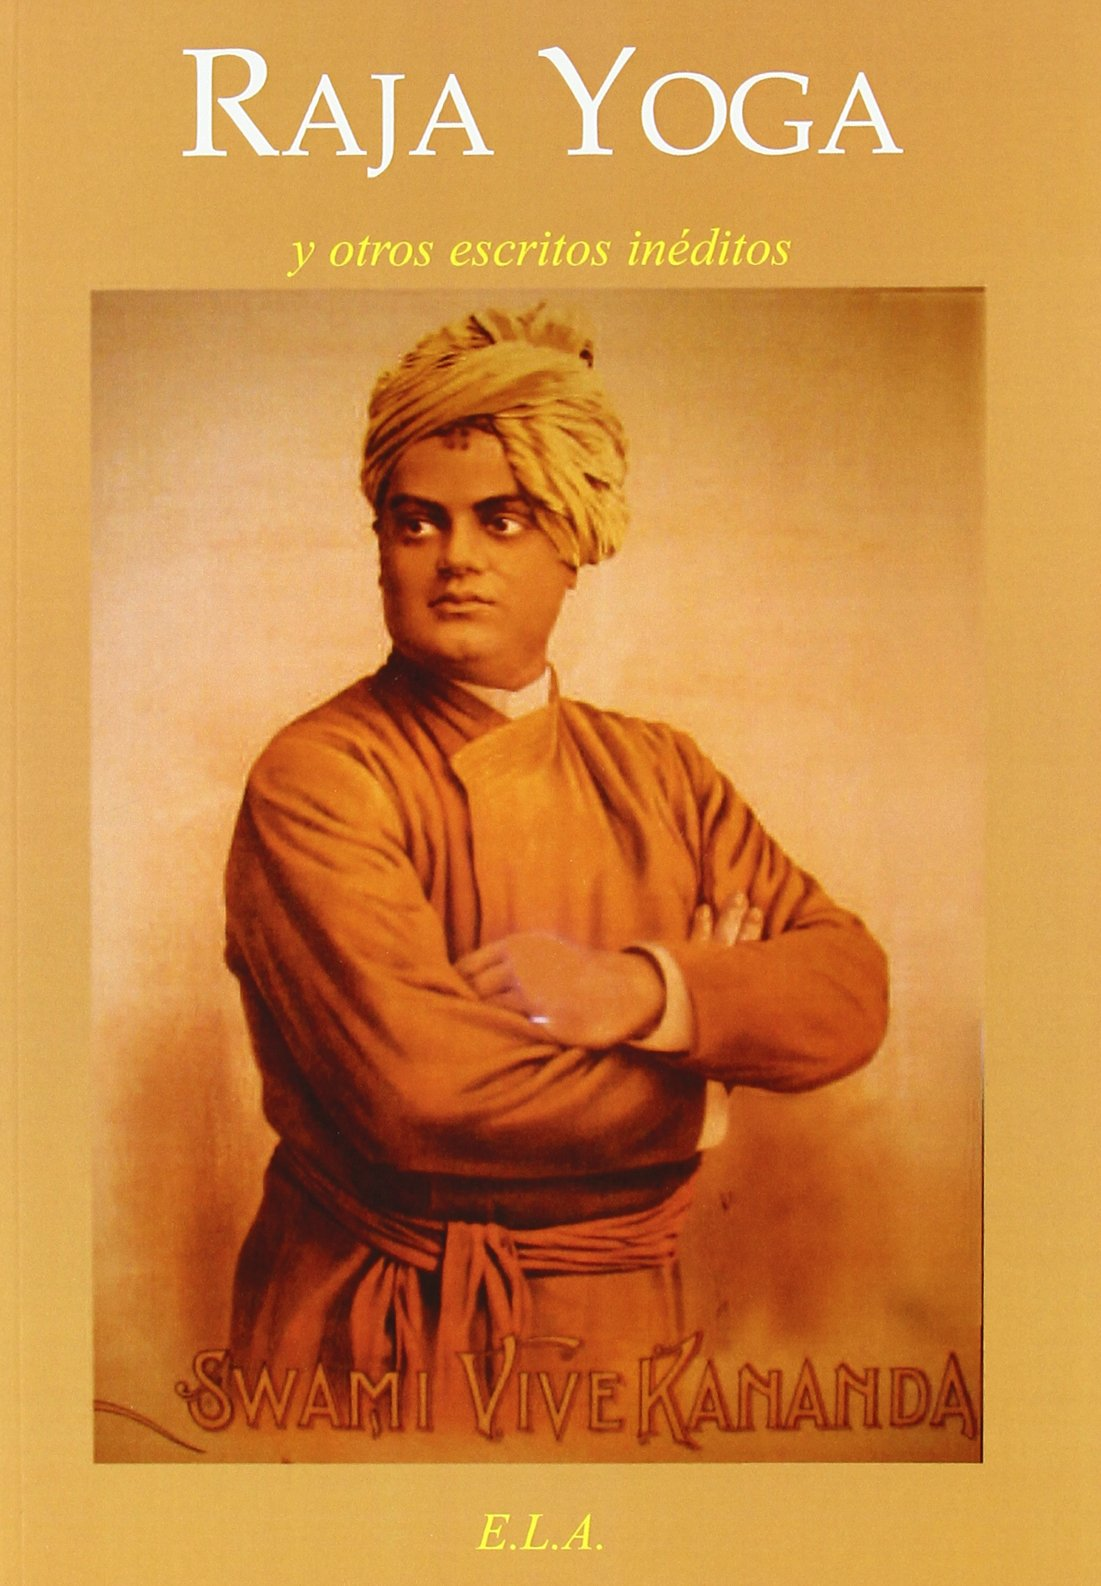 Raja yoga y otros escritos: Swami Vivekananda: 9788499500485 ...